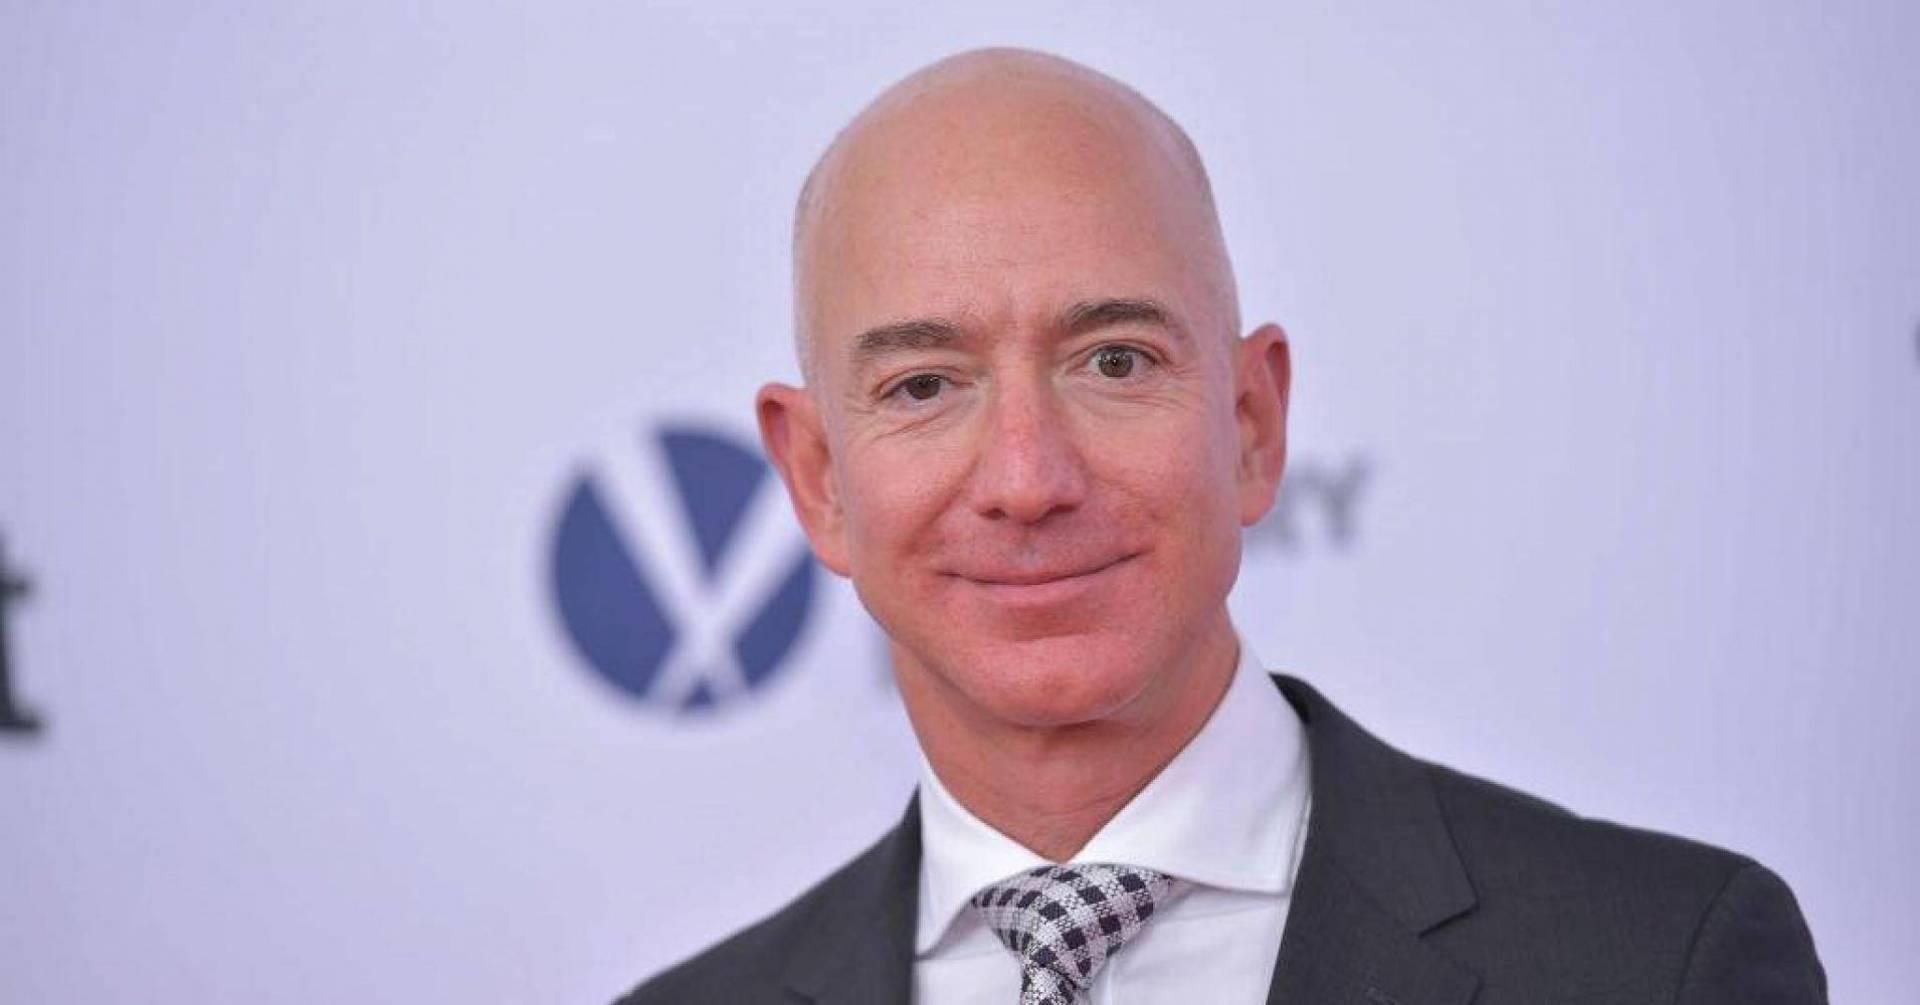 جيف بيزوس يربح 13 مليار دولار في 15 دقيقة - الاقتصادي - العالم ...